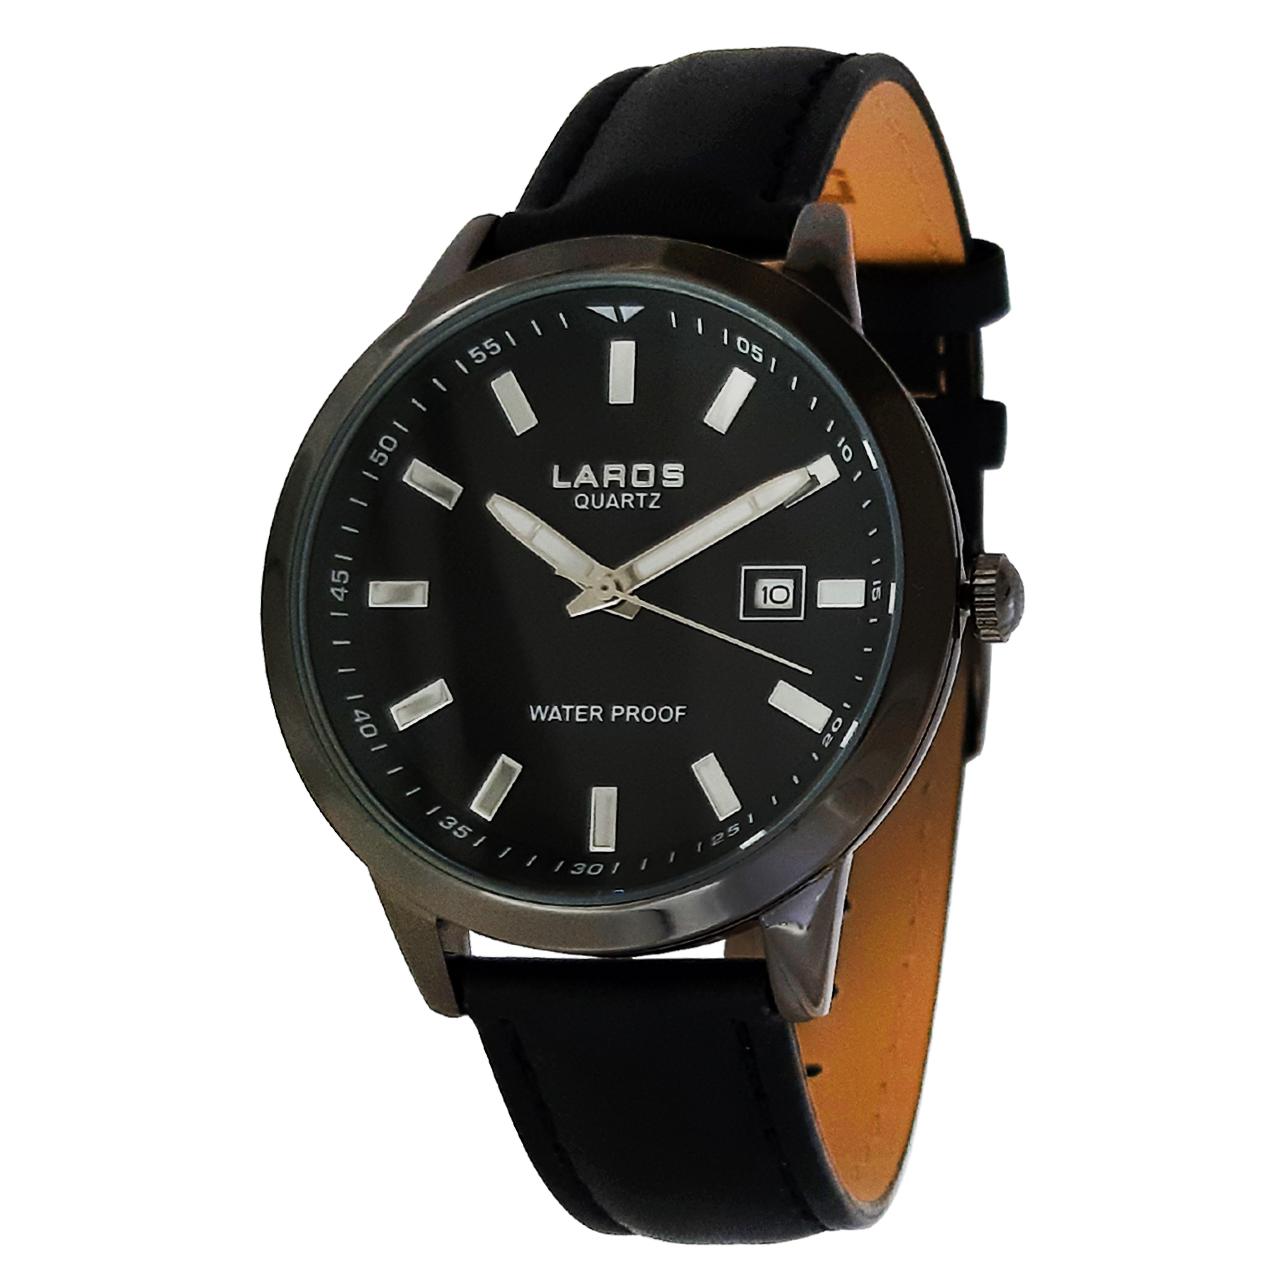 ساعت مچی عقربه ای مردانه لاروس مدل 1116-79949-s-d به همراه دستمال مخصوص برند کلین واچ 9